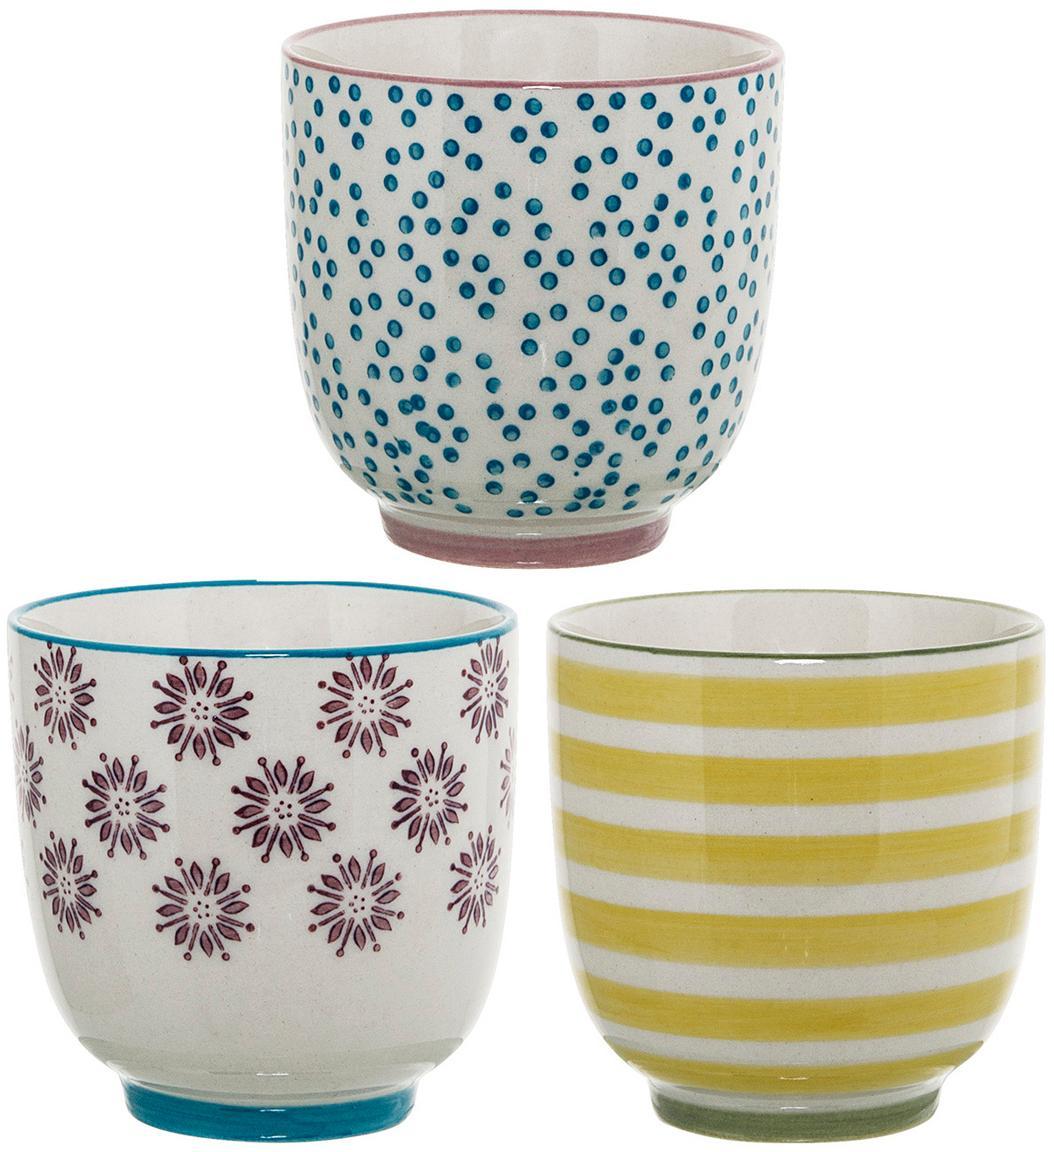 Komplet kubków Patrizia, 3 elem., Kamionka, Biały, niebieski, czerwony, żółty, Ø 7 x W 7 cm